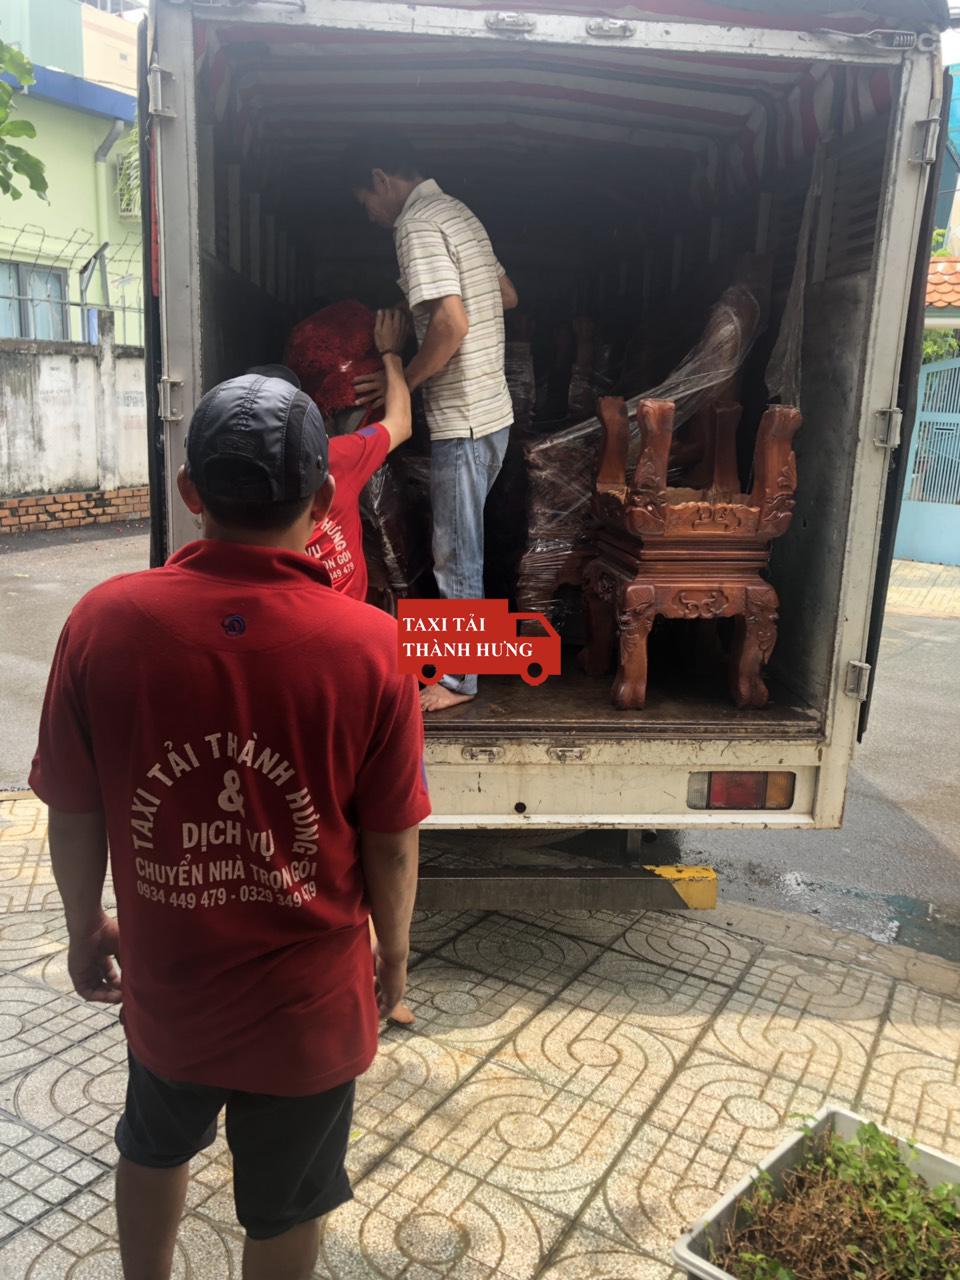 Dịch vụ chuyển nhà vận chuyển an toàn